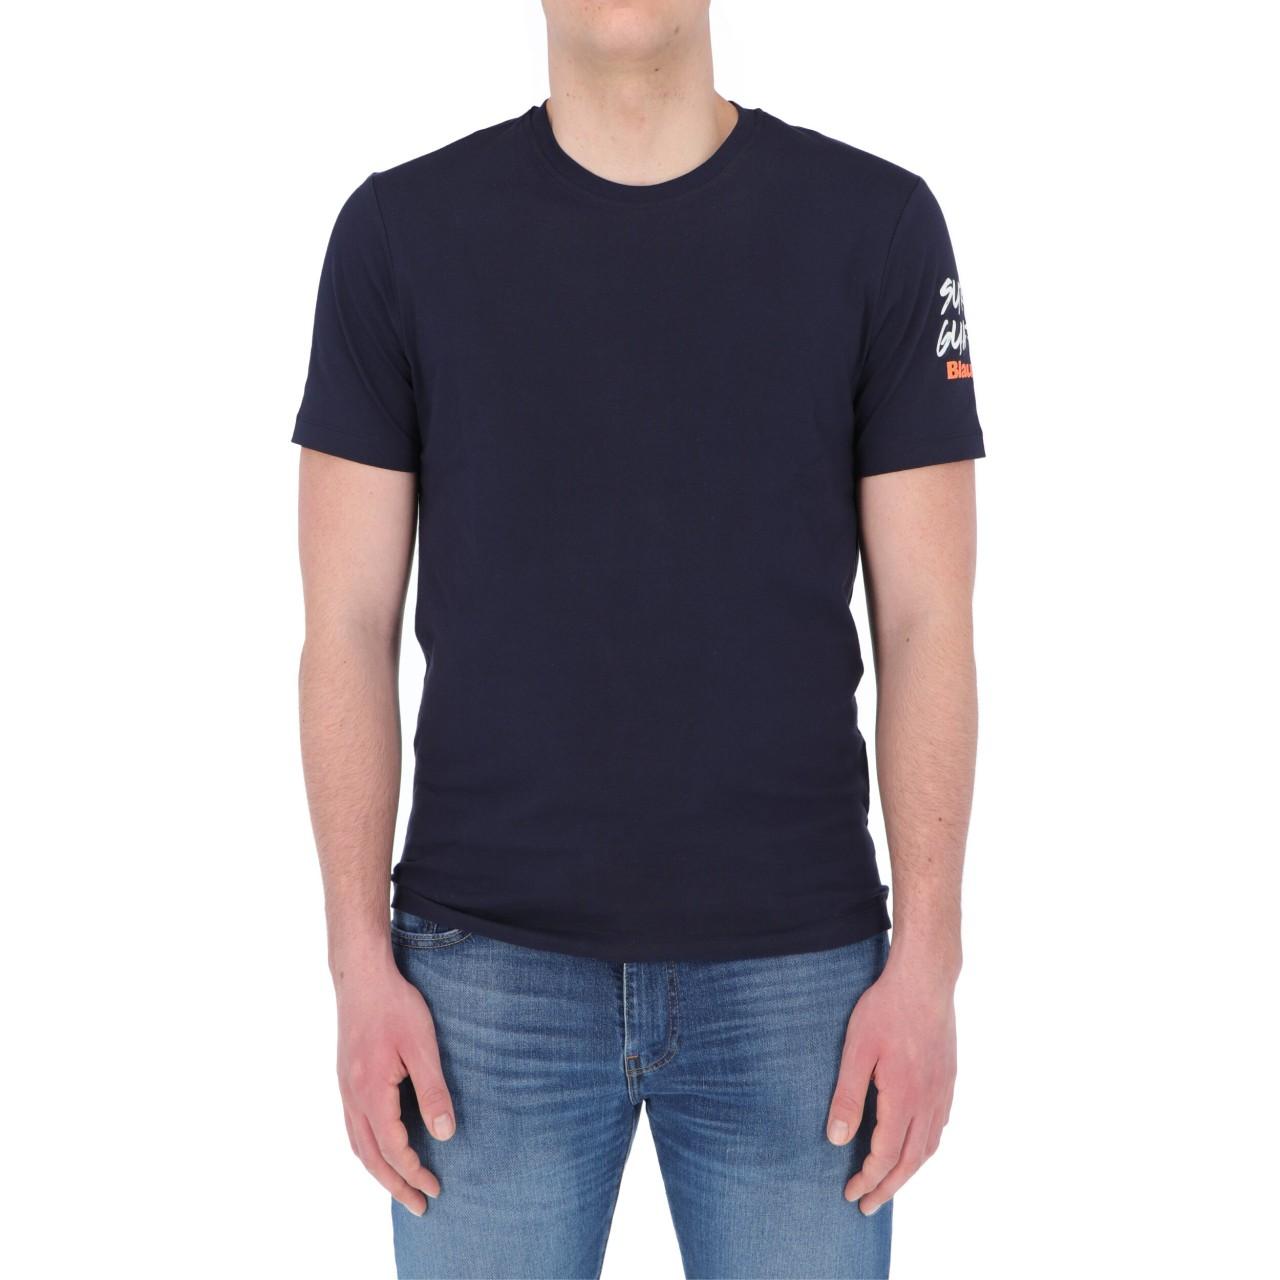 Blauer Uomo Tshirt Blauer Usa Uomo Cotone Stampa 2416P